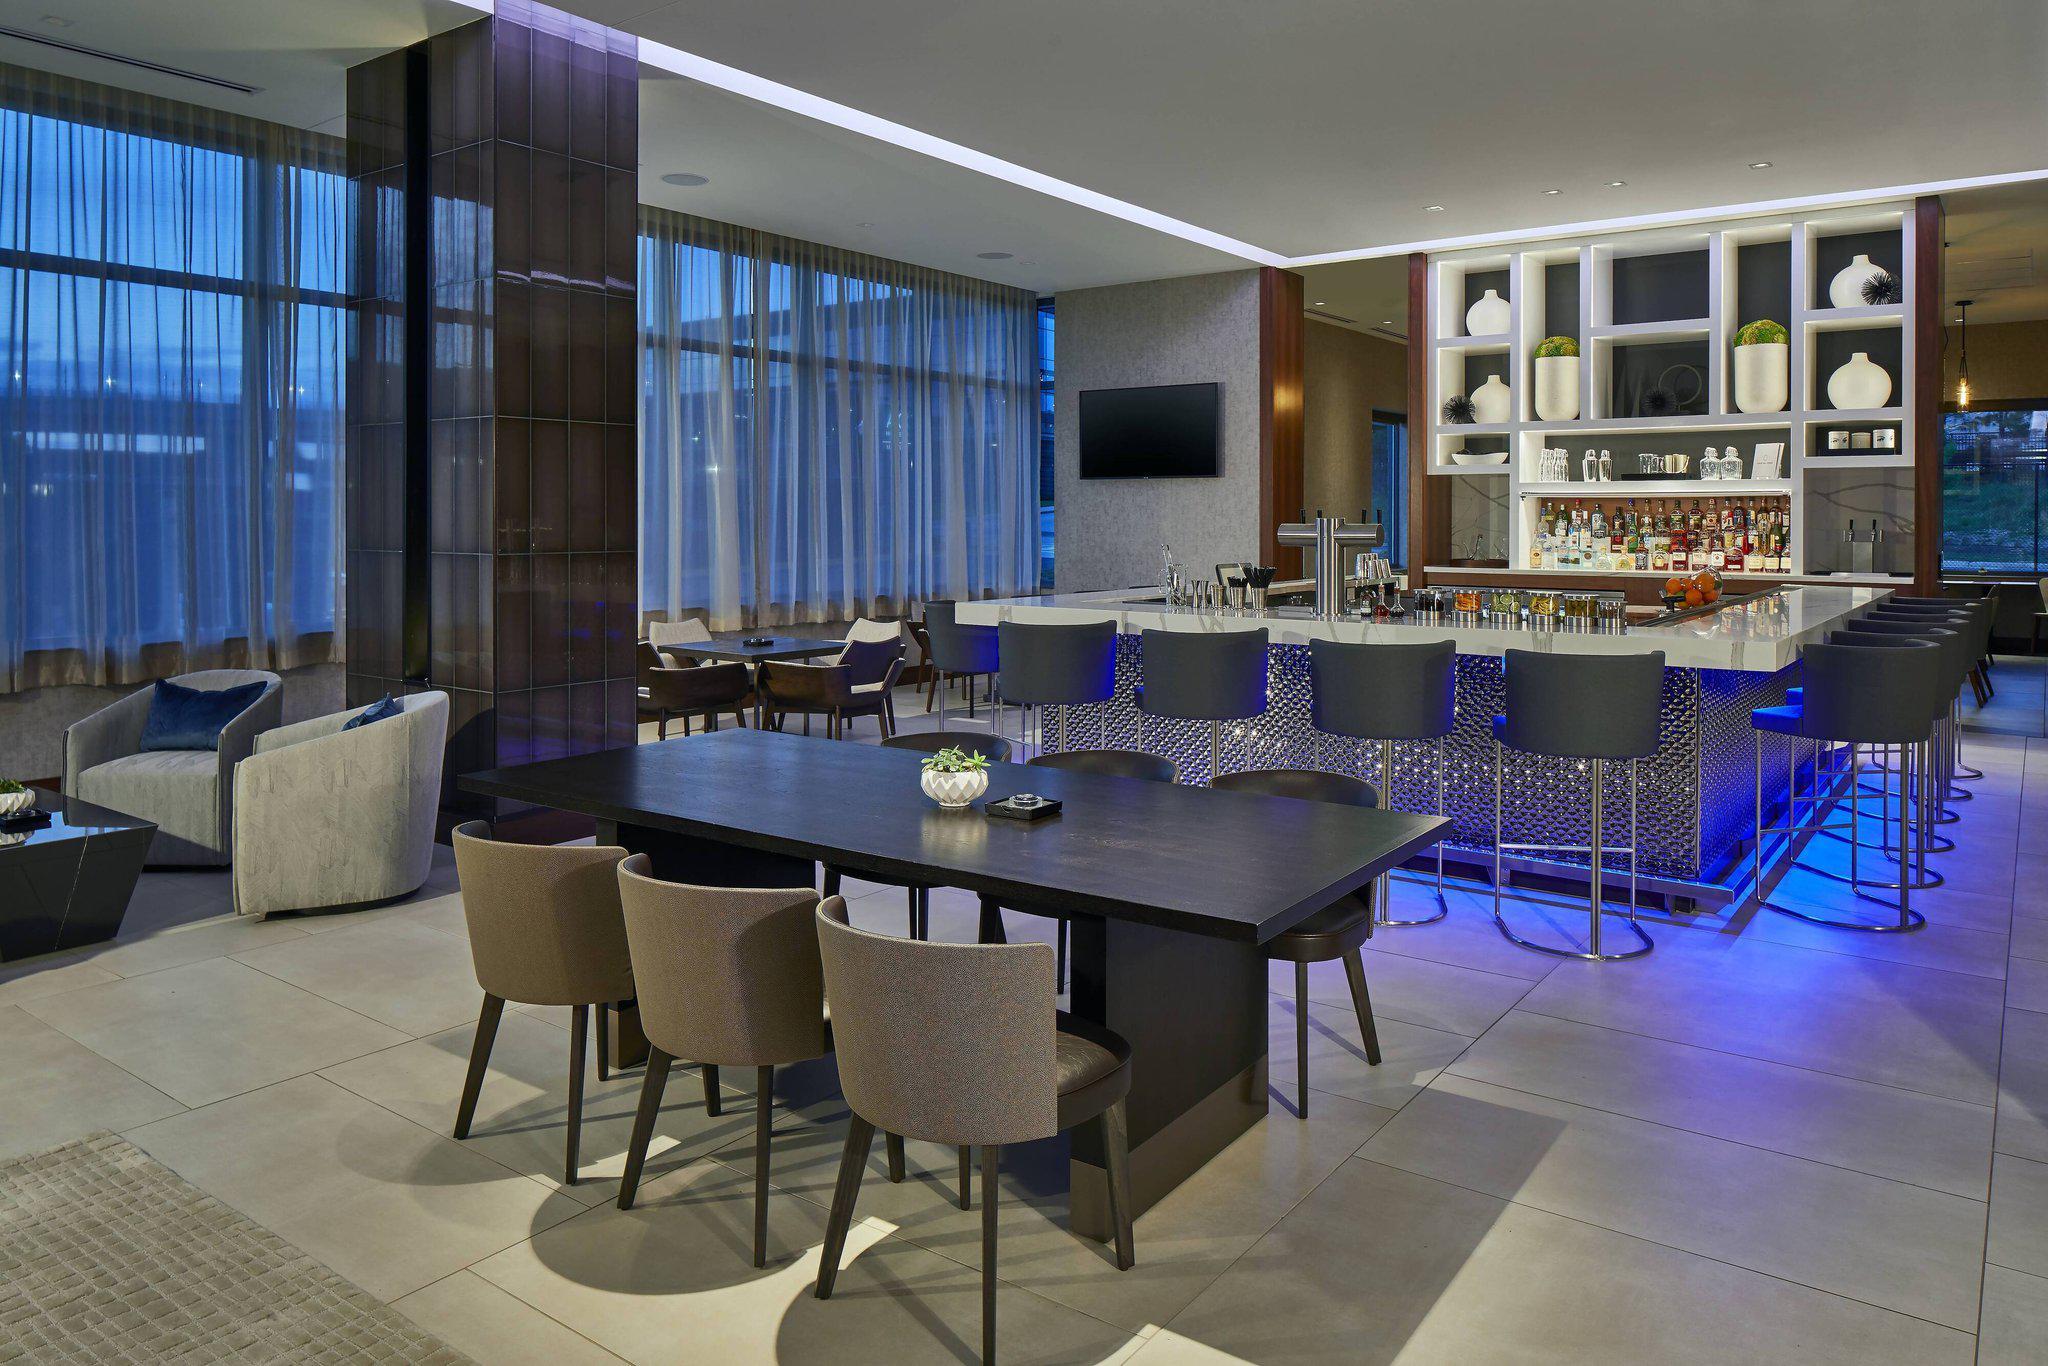 AC Hotel by Marriott Atlanta Airport Gateway